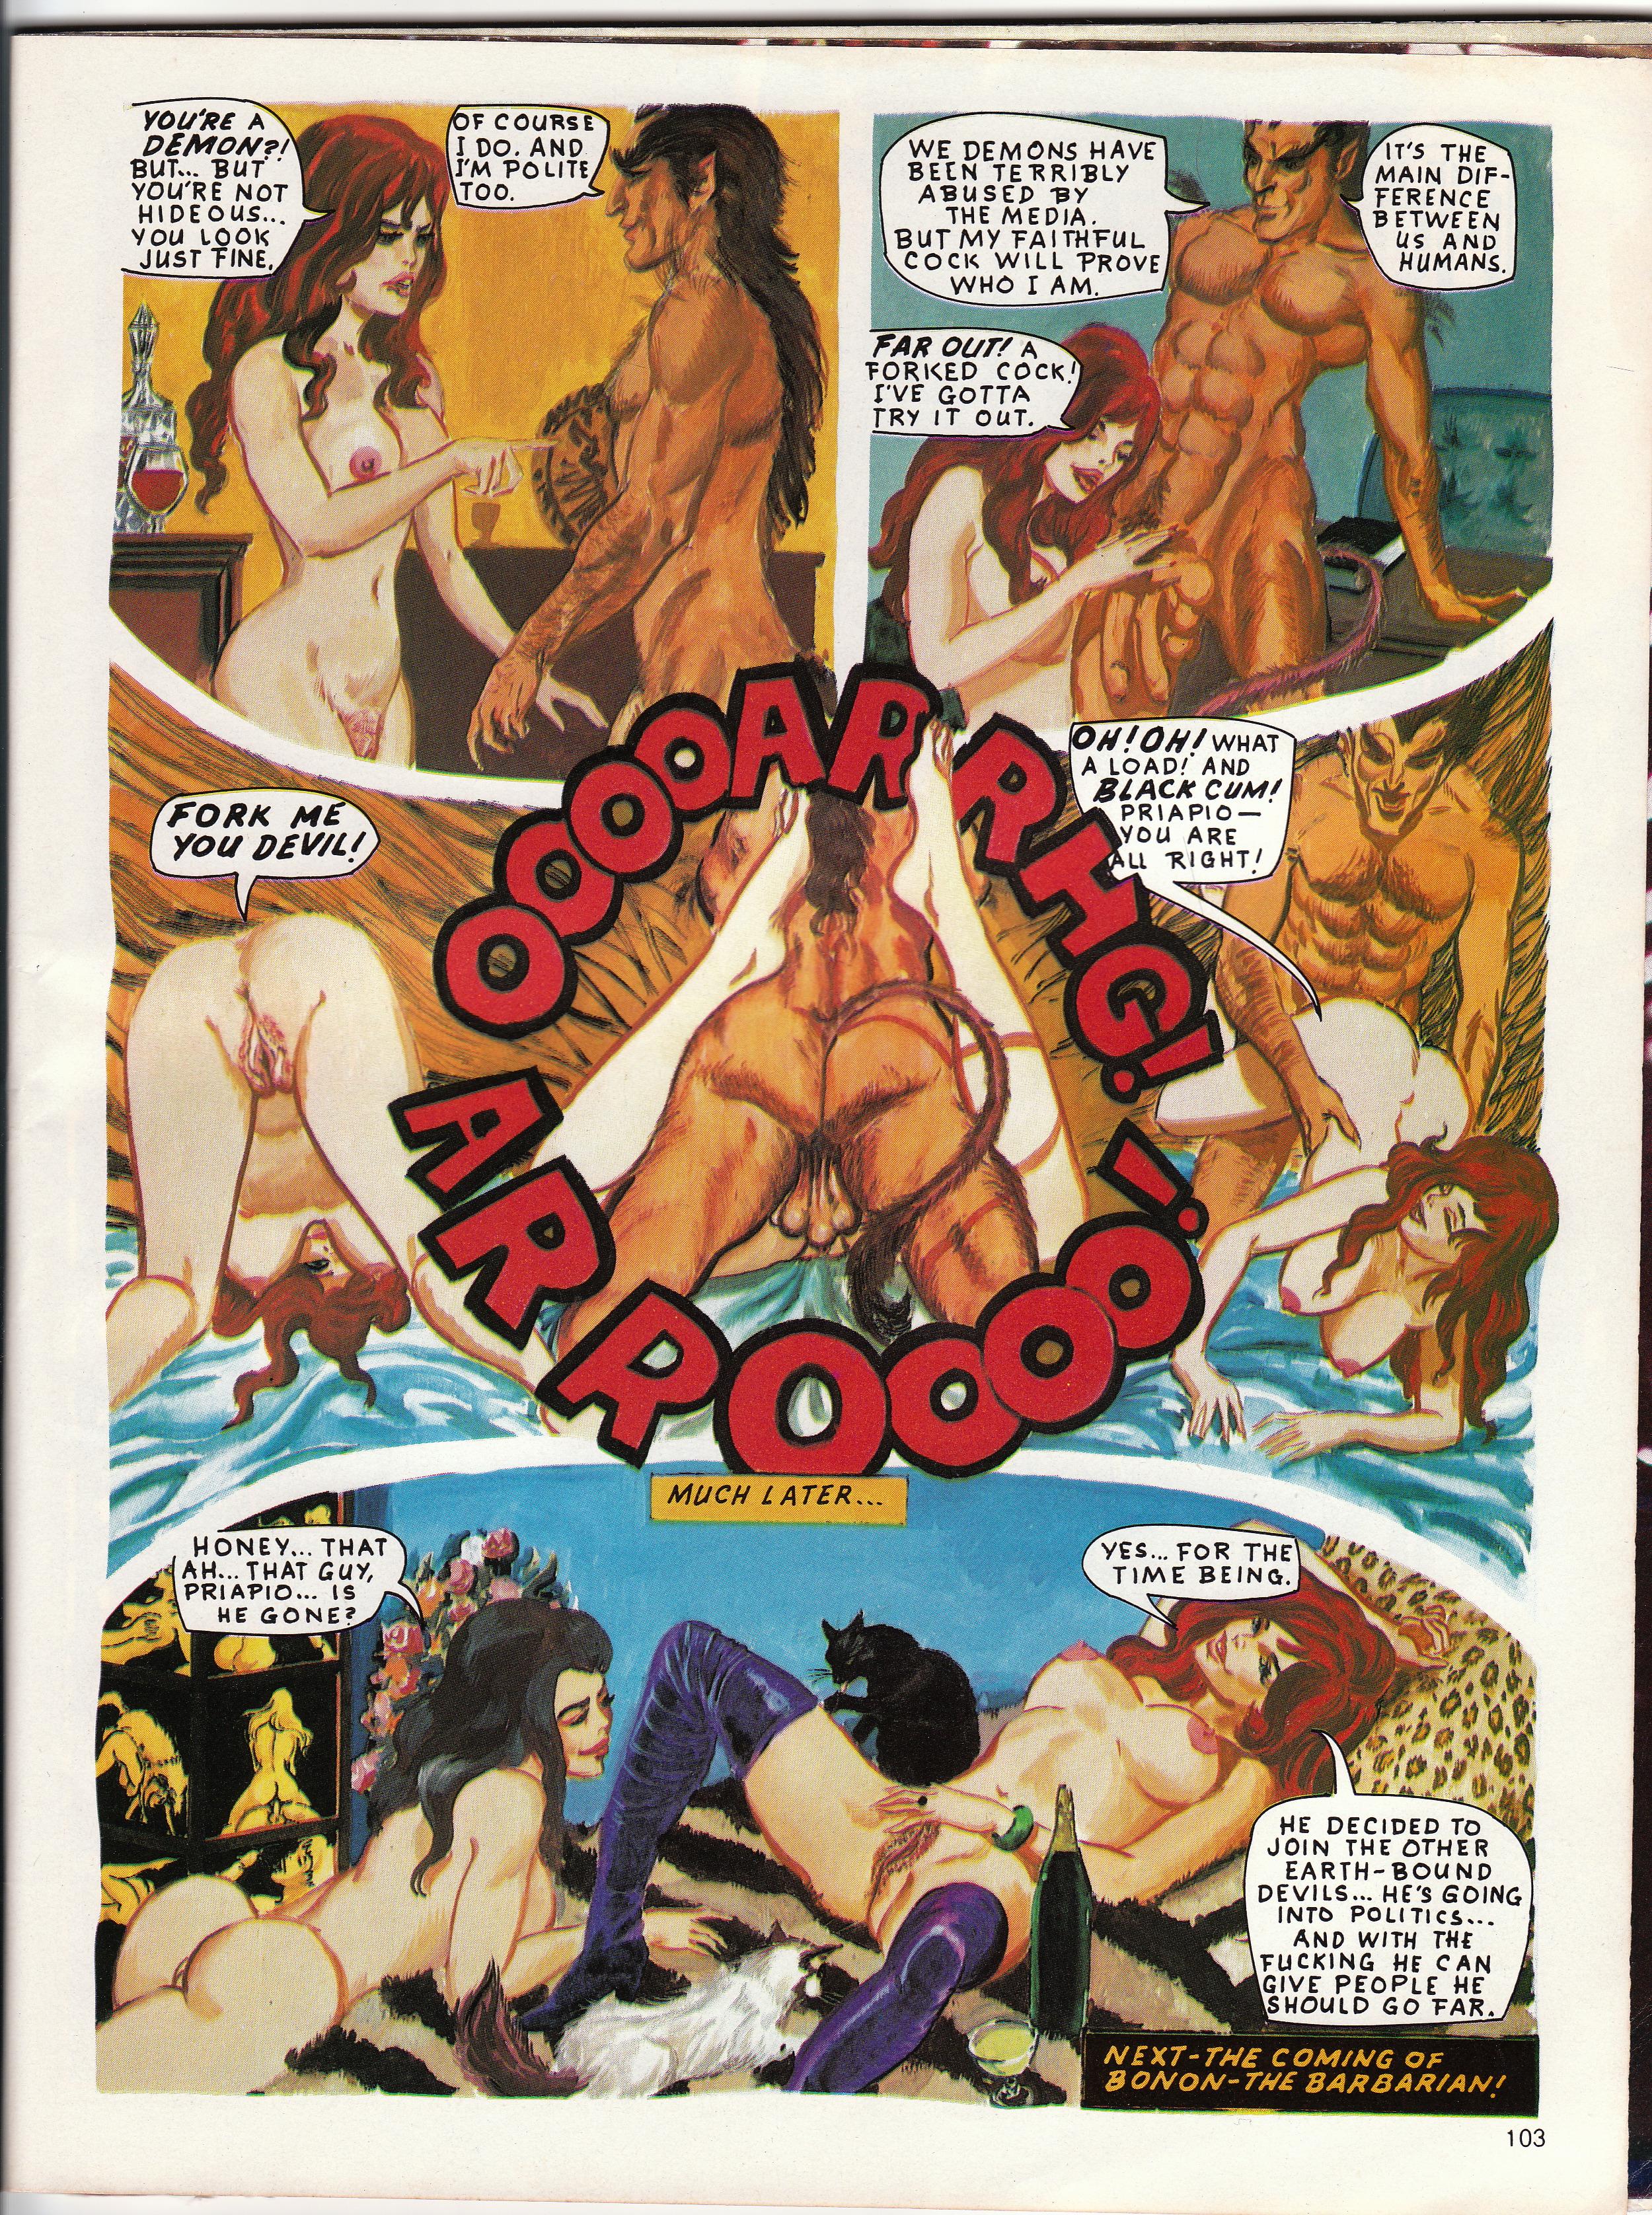 Comic honey hooker hustler mine, someone